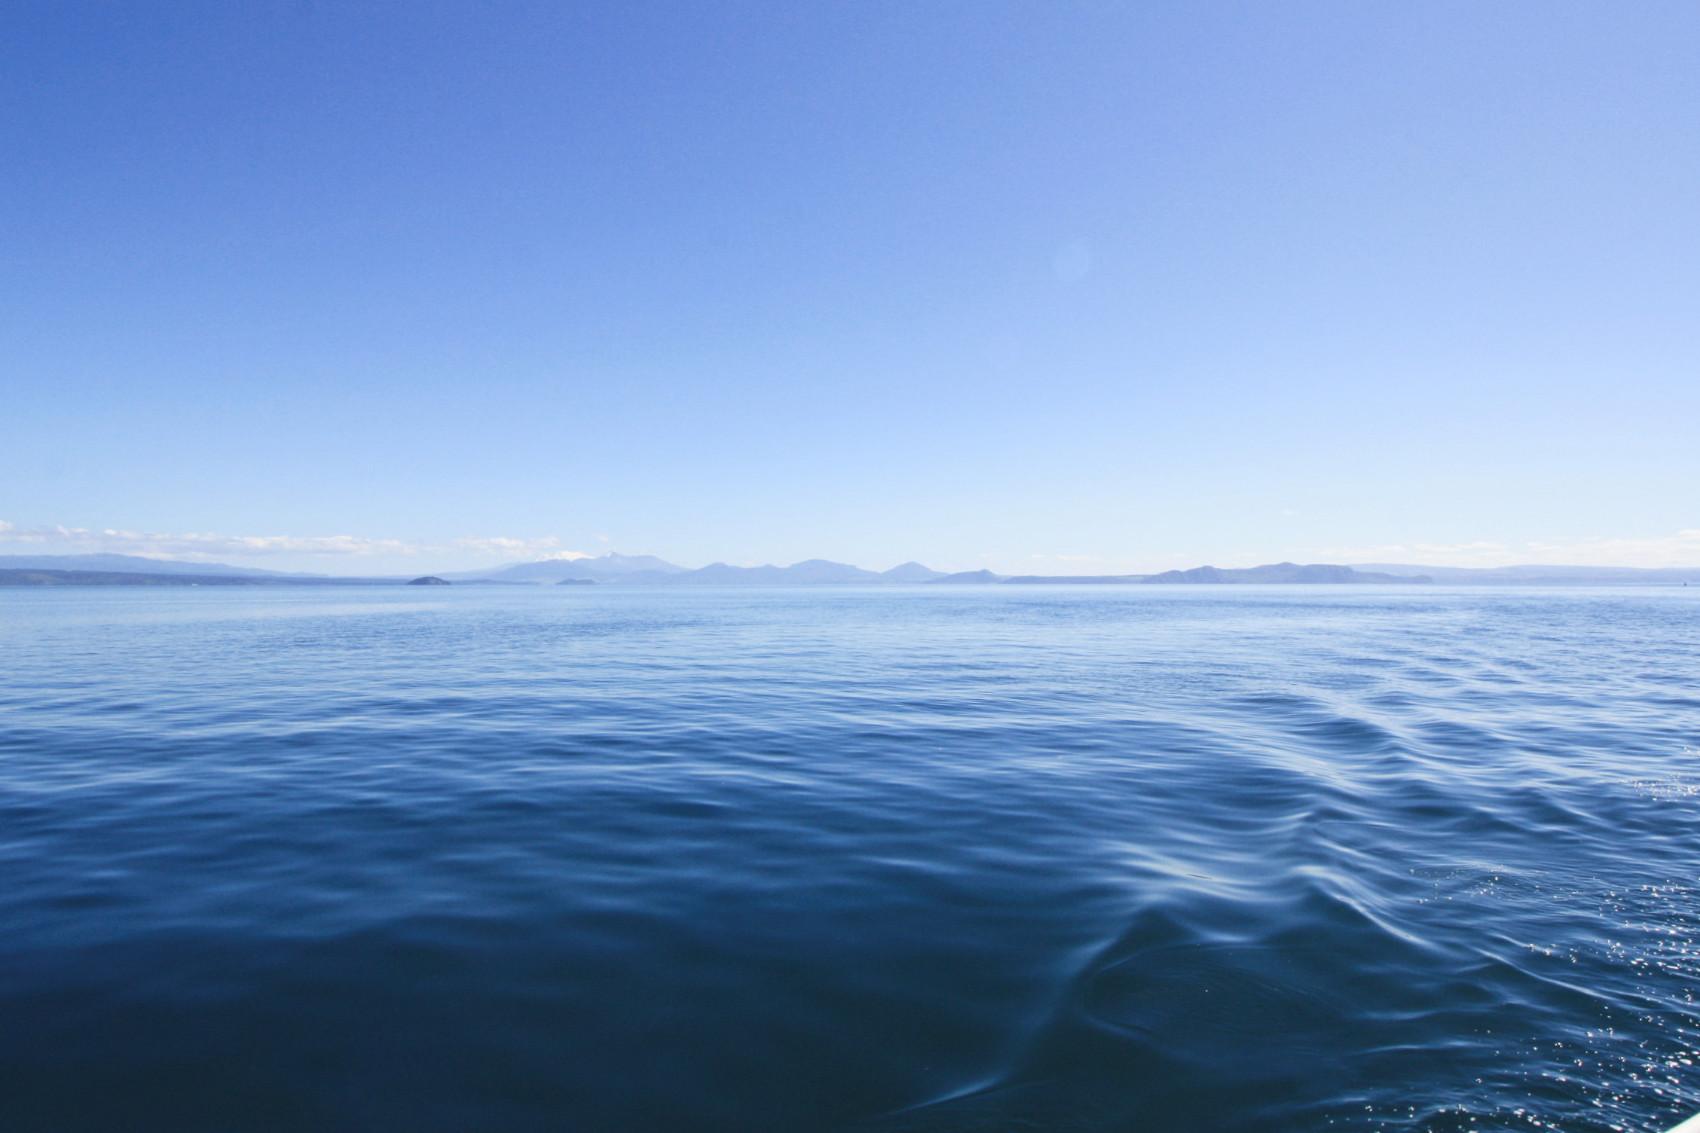 Nouvelle-Zélande : Taupo, son lac et sa vue